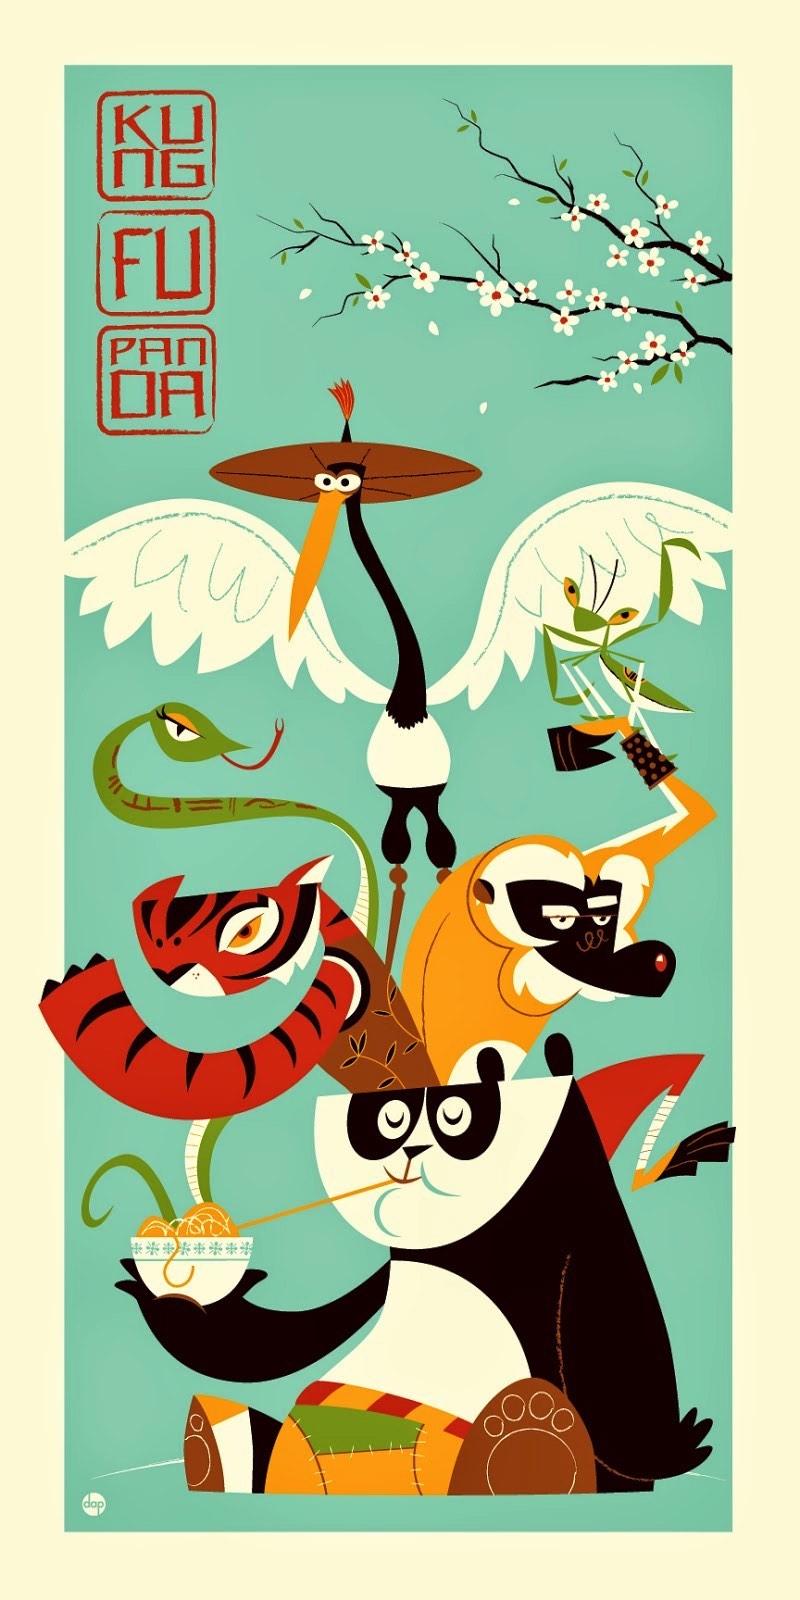 Dave Perillo é um ilustrador e artista nascido em 1974 e cujo trabalho é muito influenciado pela cultura pop que ele absorveu durante toda sua vida. Mas, alguns elementos culturais aparecem mais vezes no seu trabalho. E, entre todos esses elementos, precisamos mencionar a influência visual de Jim Henson, Hanna Barbera, The Twilight Zone, Alfred Hitchcock, Charles Schultz, Jim Flora, Ray Harryhausen, Roy Lichtenstein e os posters de ficção científica da década de cinquenta.